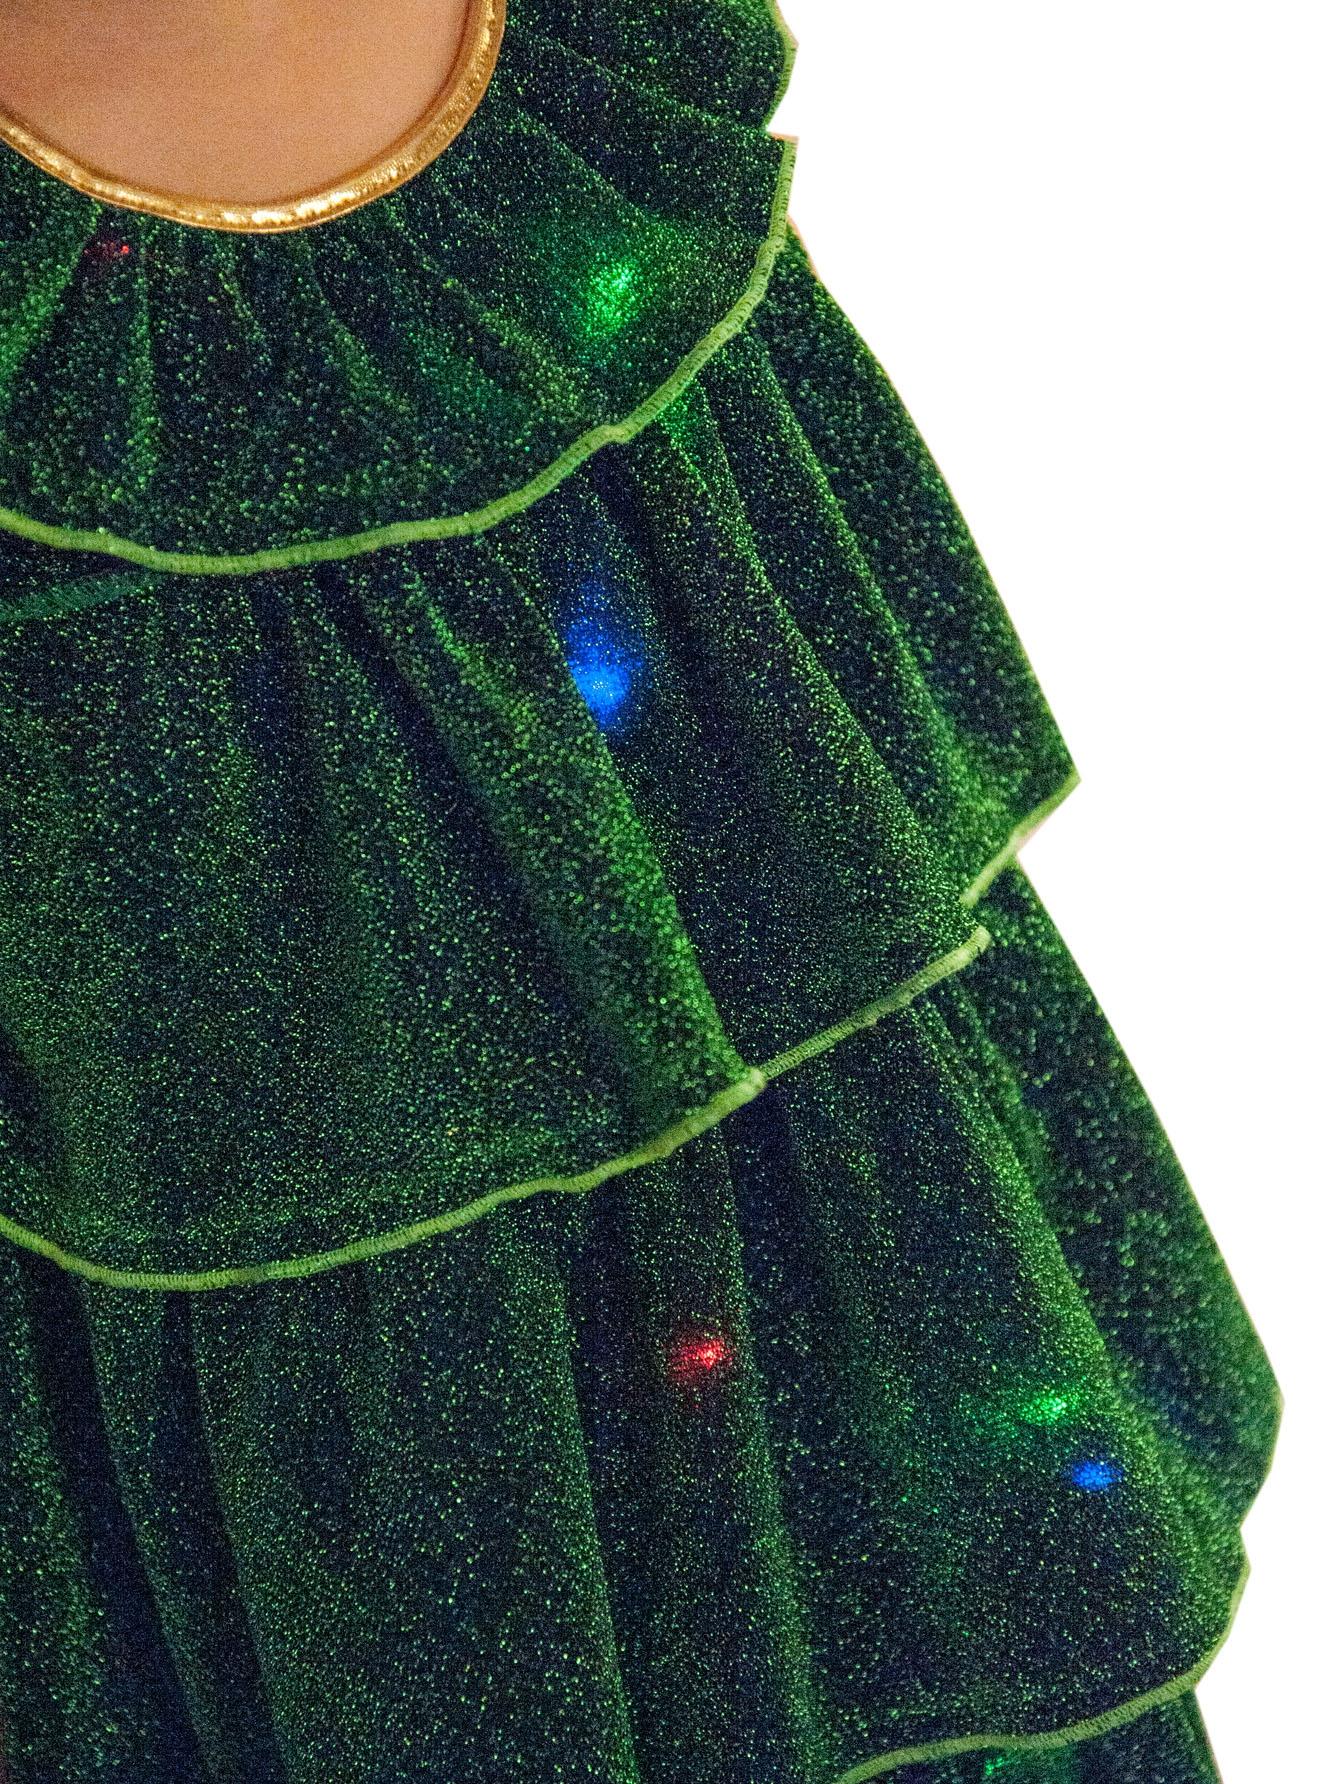 новогодний костюм елочка в картинках целом понижение температуры